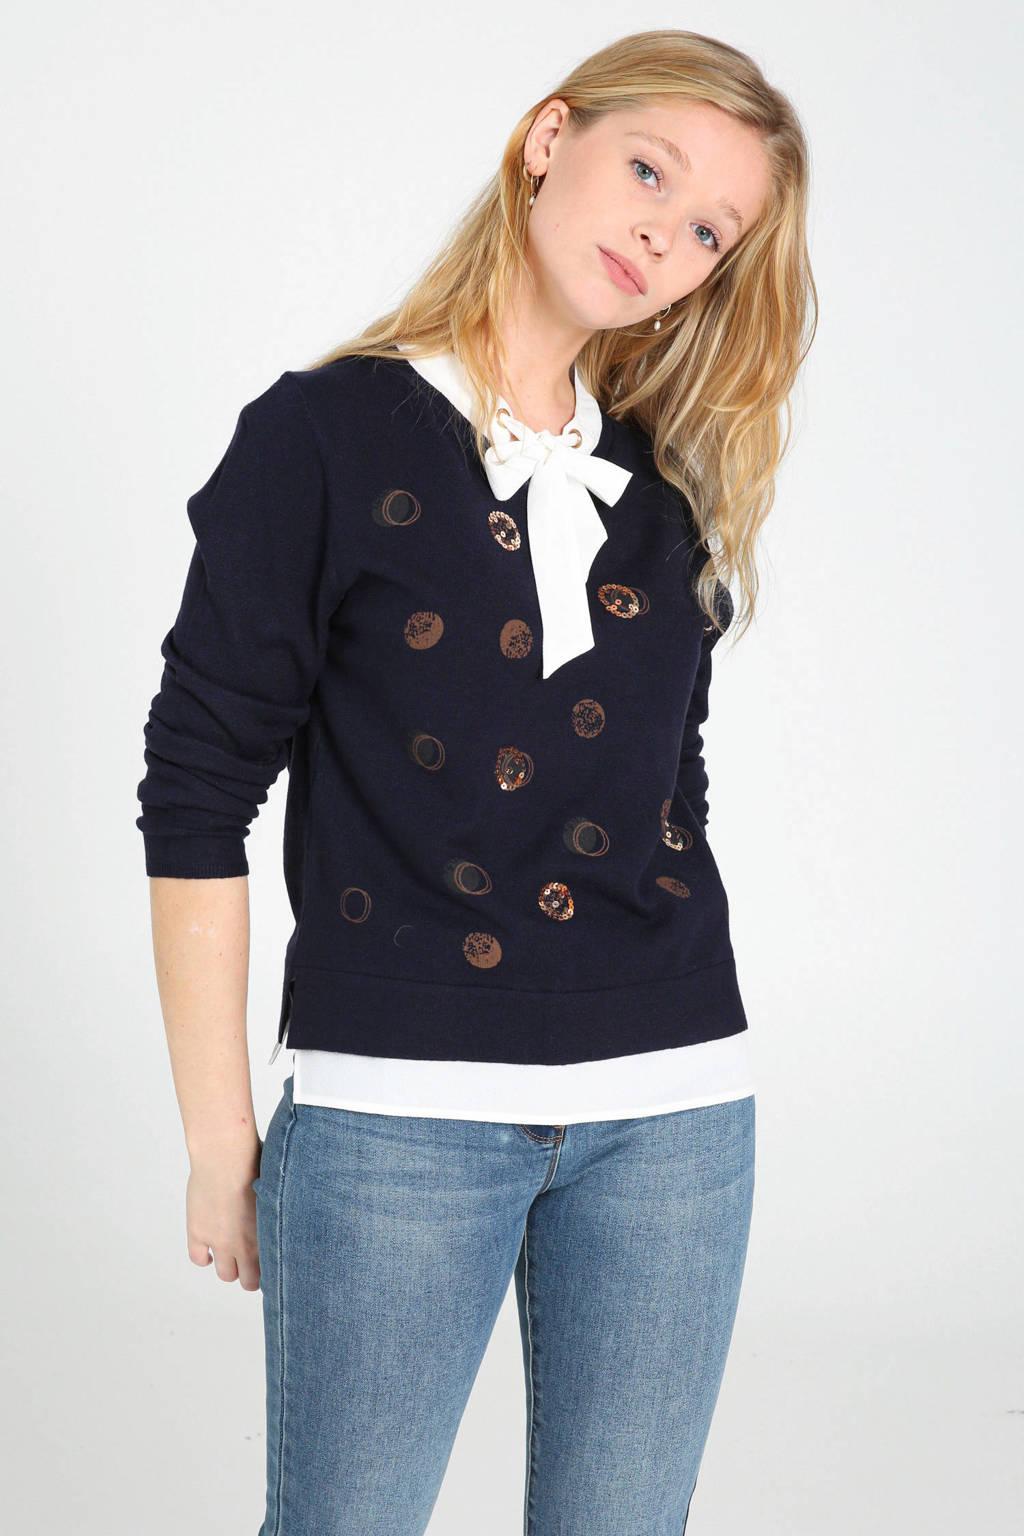 Cassis fijngebreide trui met printopdruk en pailletten marine/wit/brons, Marine/wit/brons